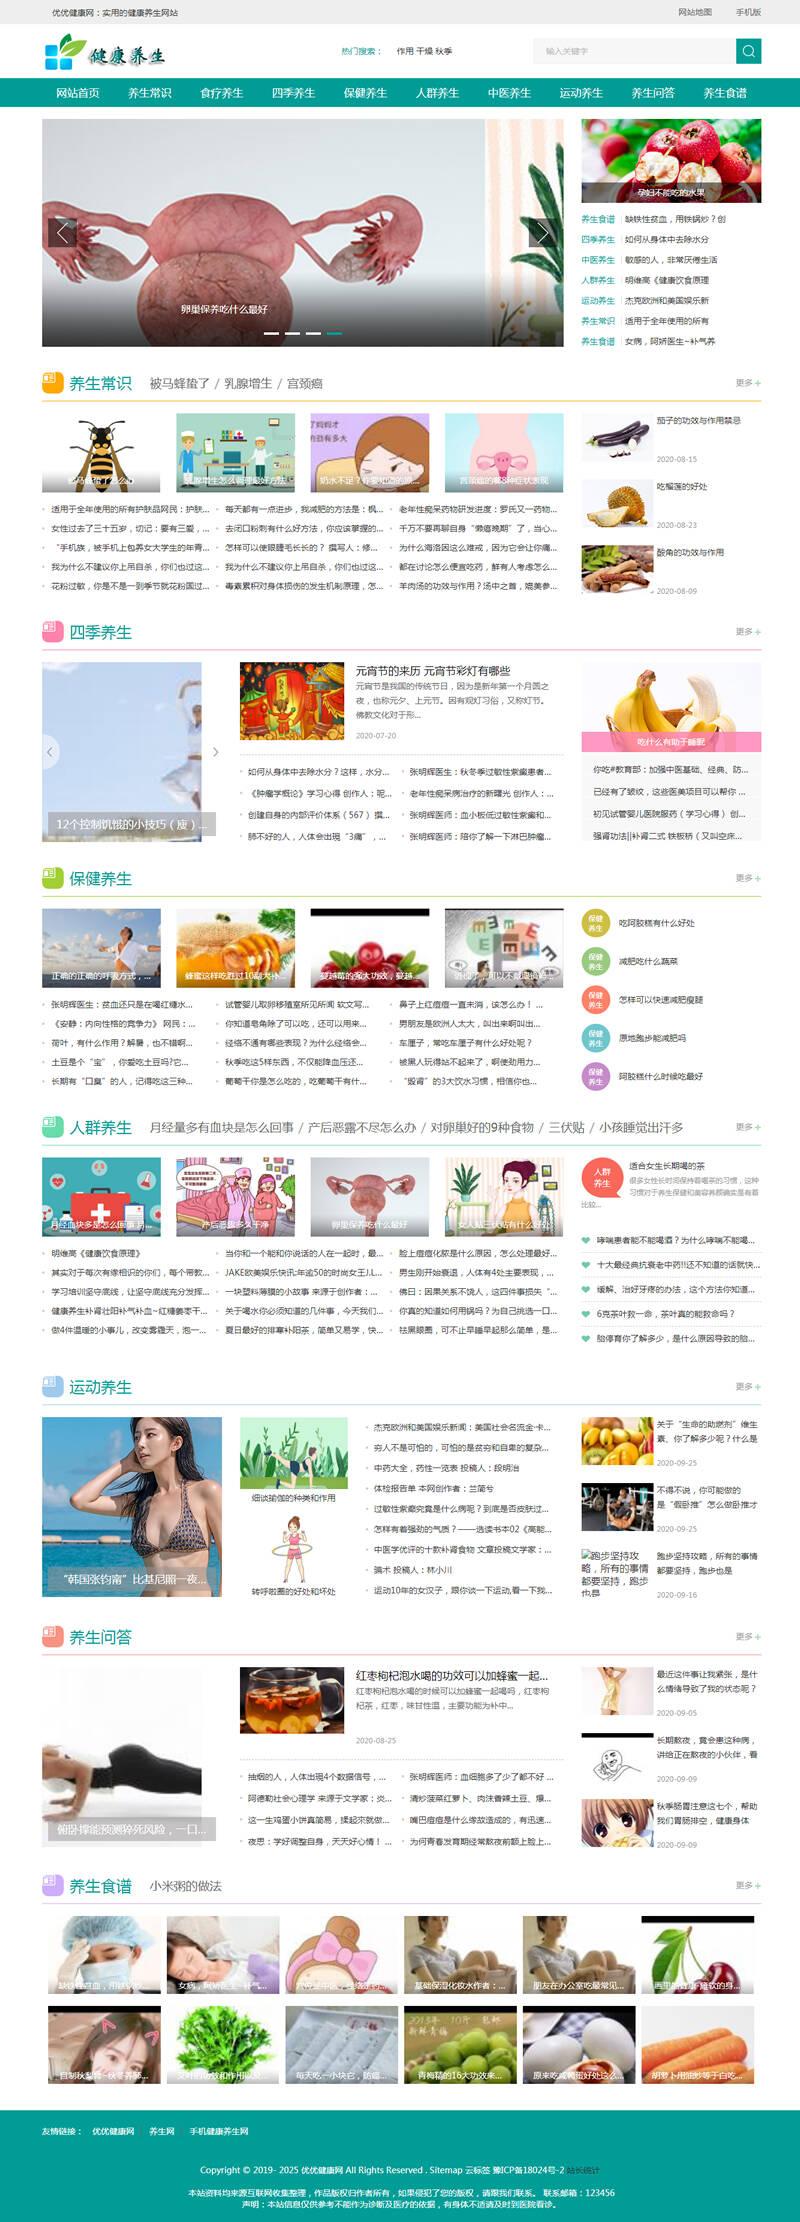 帝国CMS《养生健康》模板 养生网站源码模板 健康模板 养生资讯 优化版插图